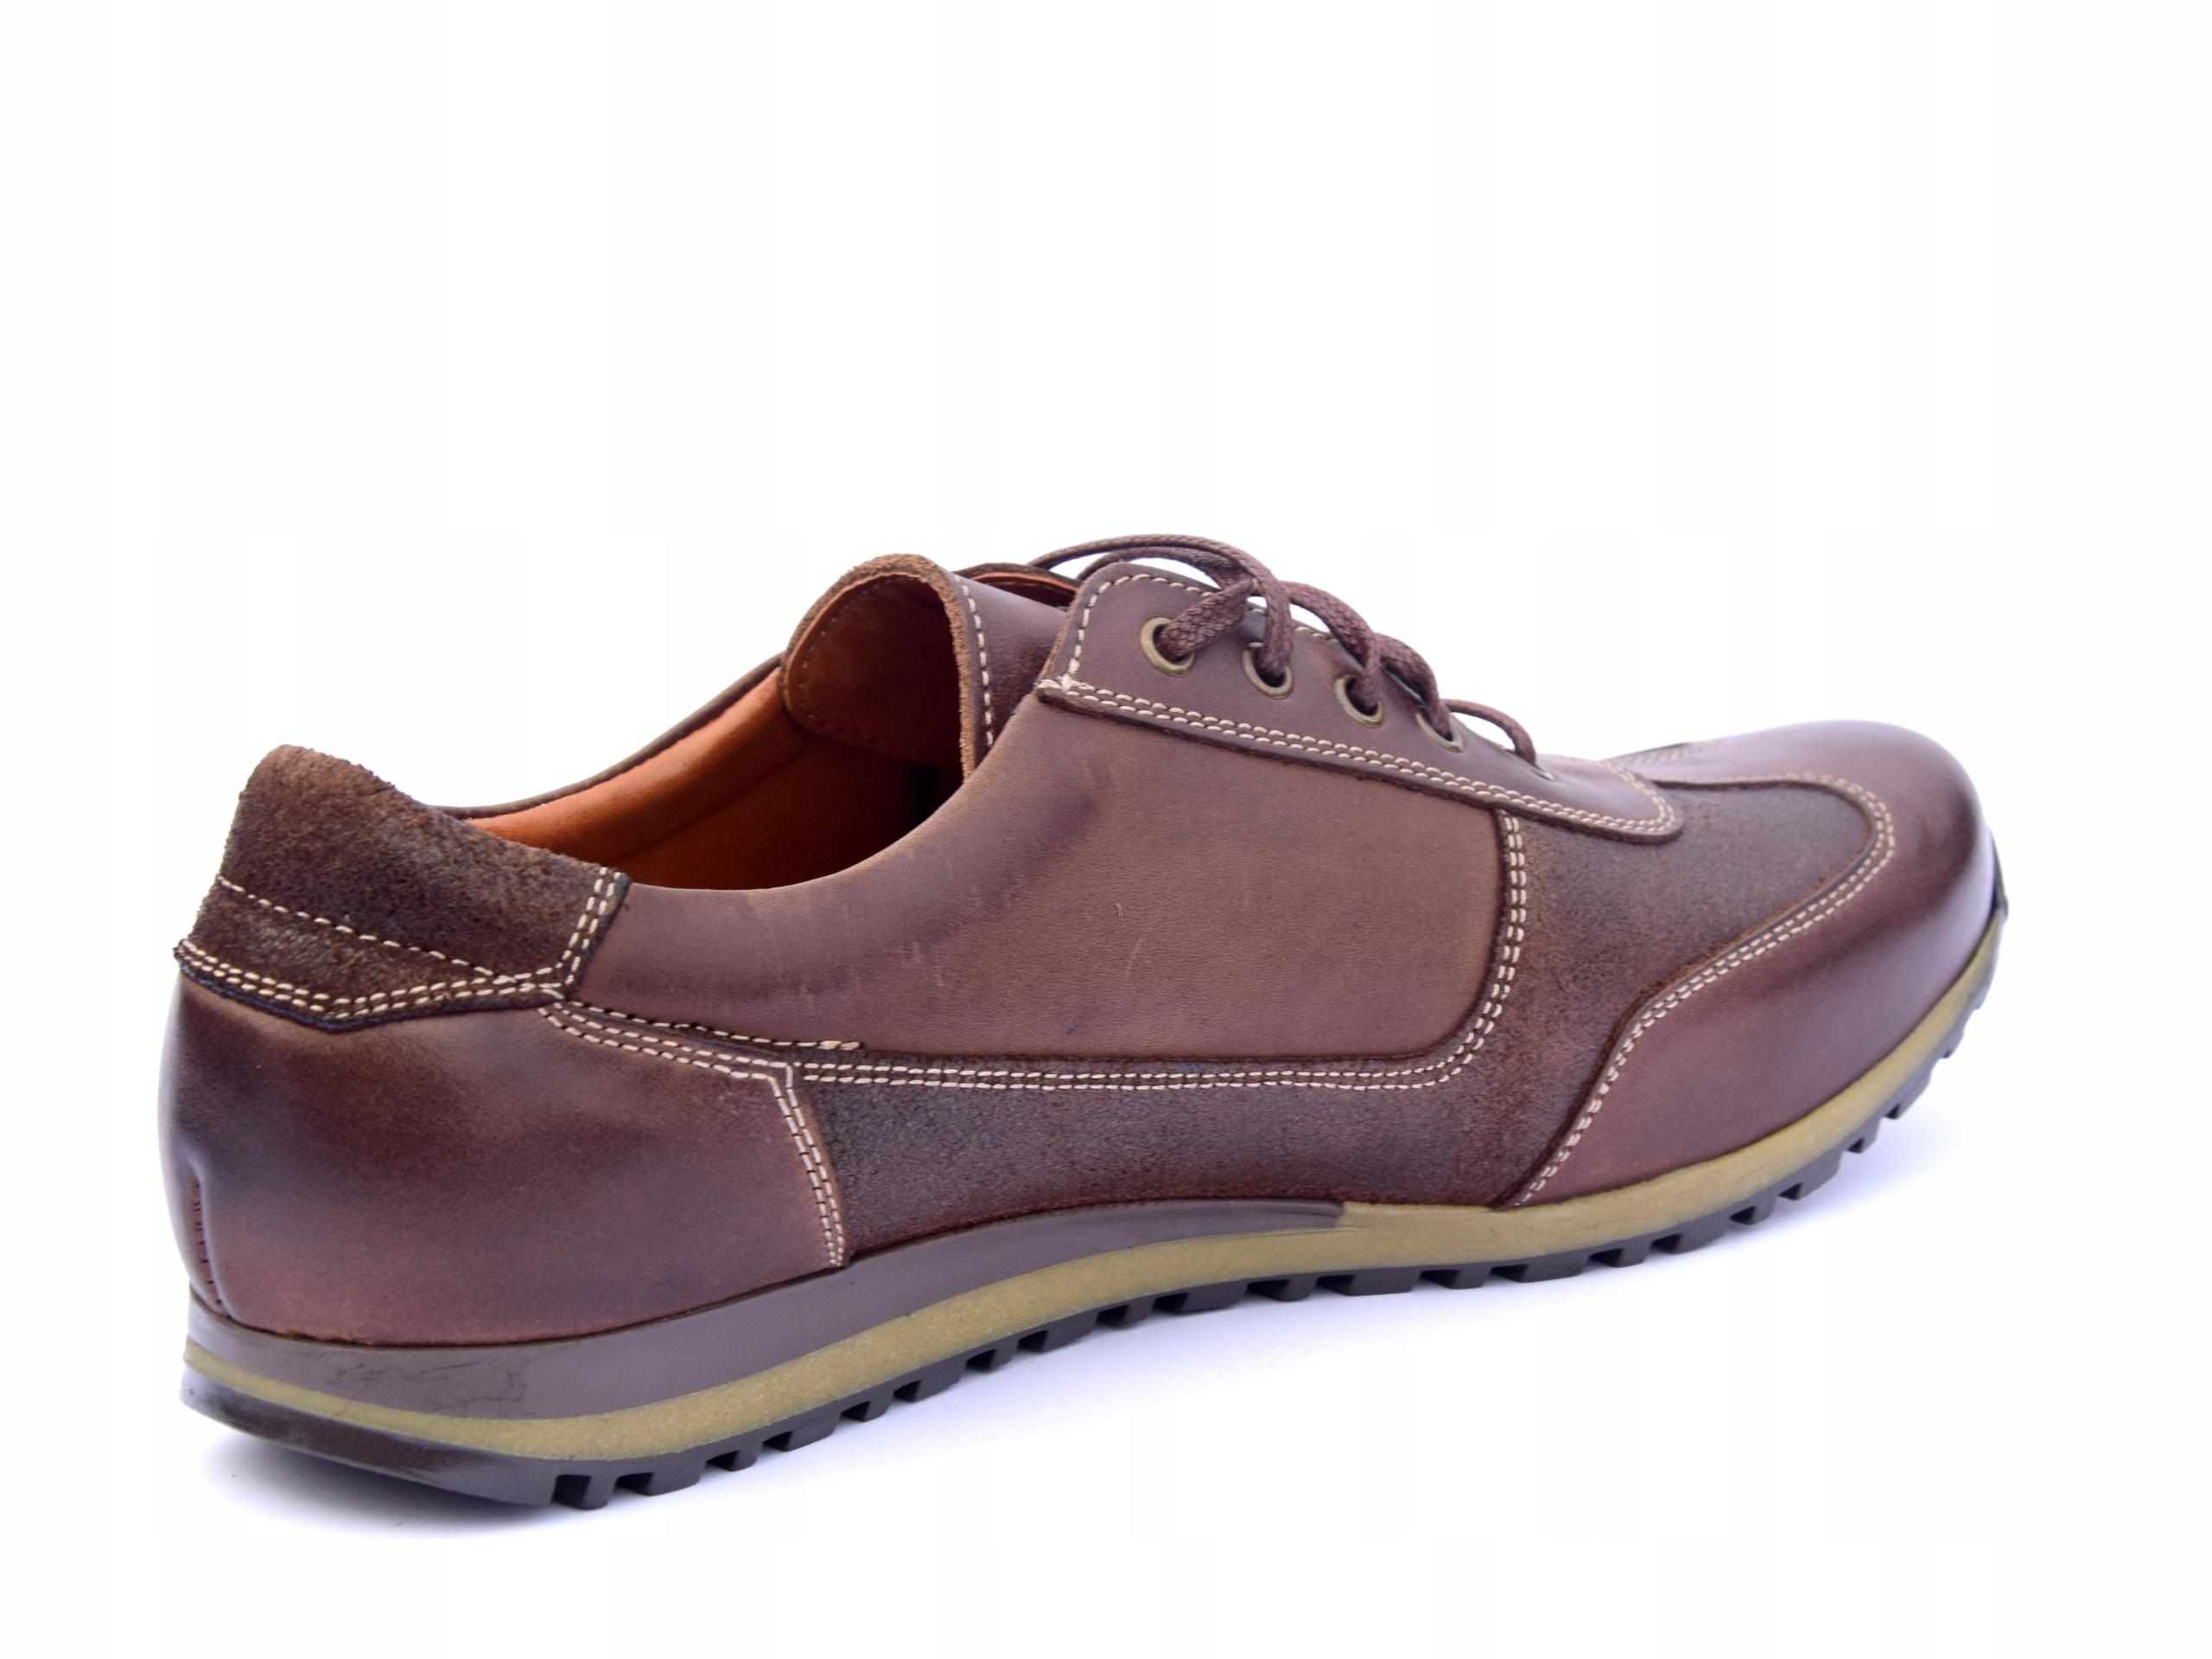 Półbuty skórzane brązowe obuwie ze skóry PL 294 Kolor brązowy